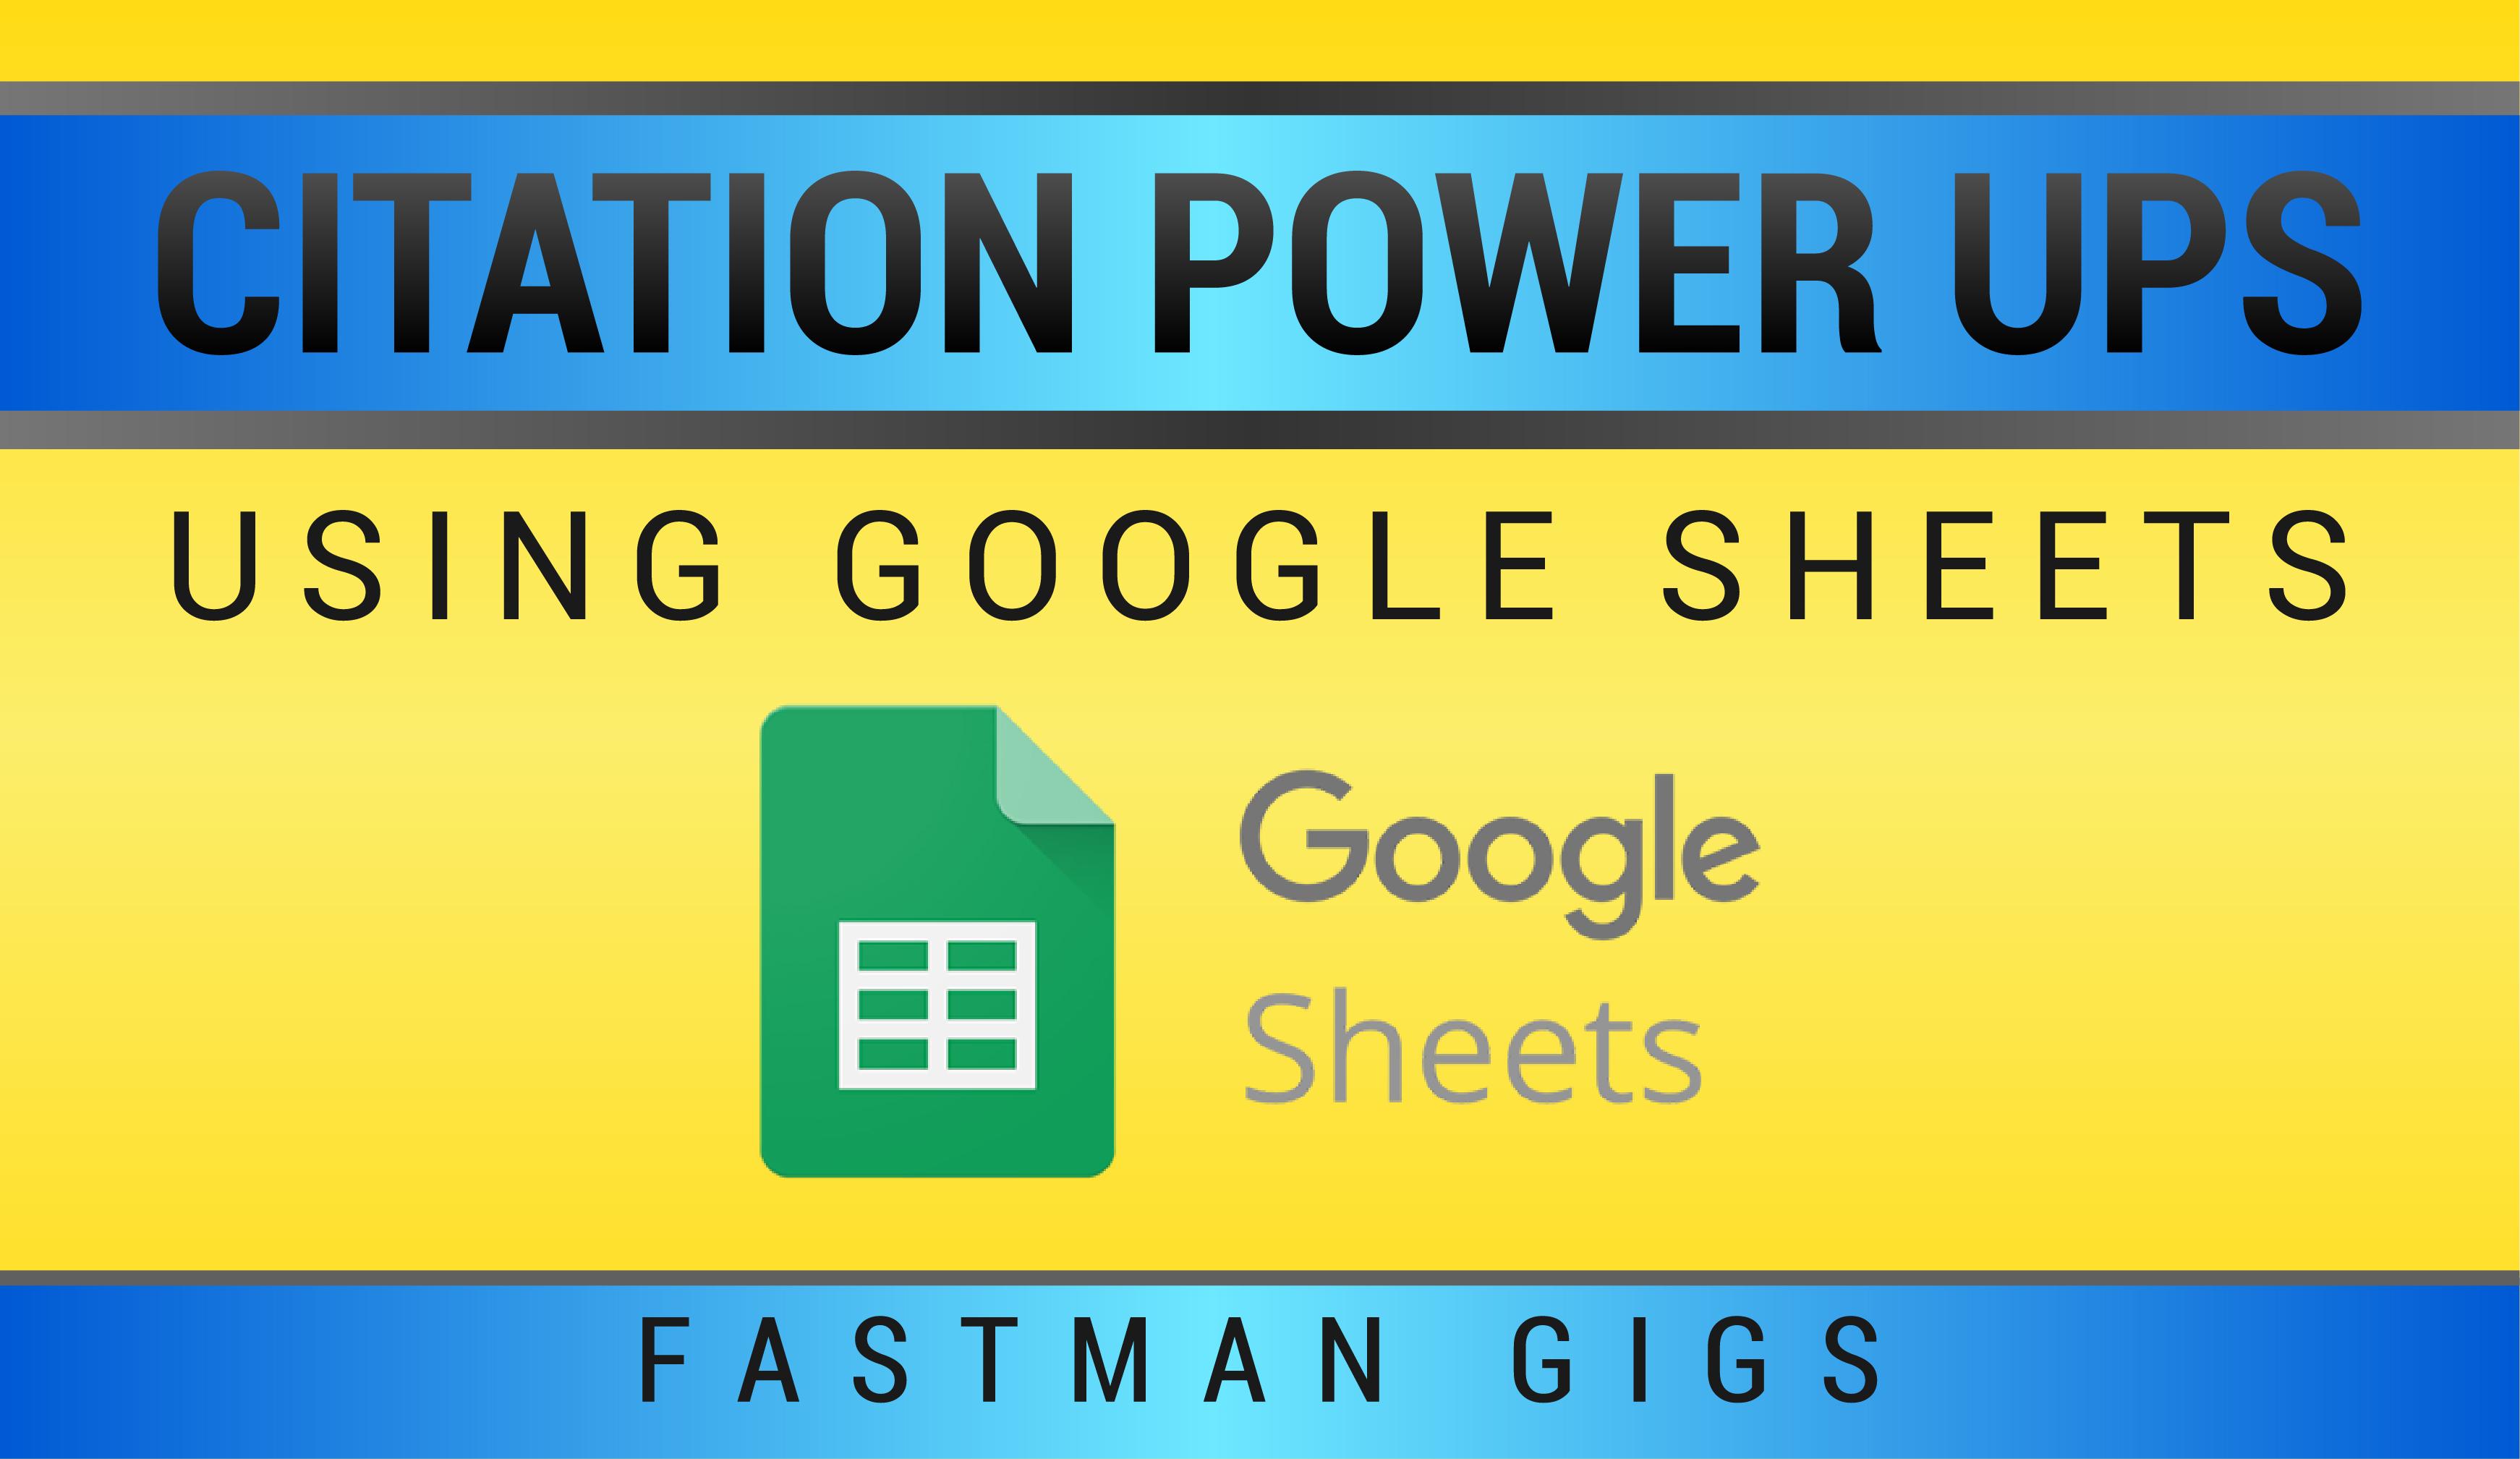 Citation Power Ups using sheets